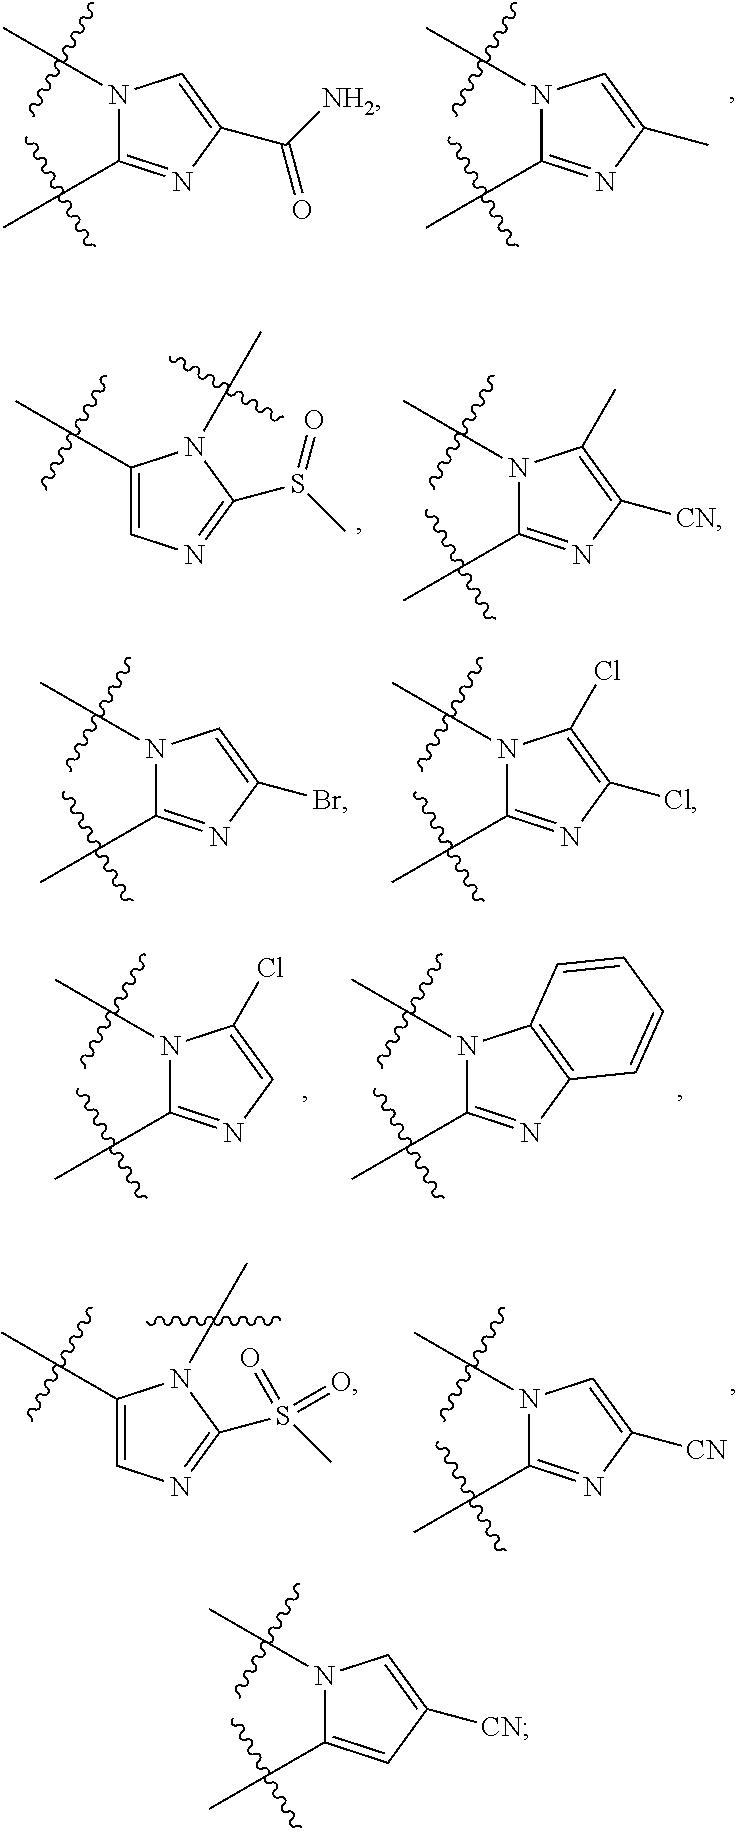 Figure US09303046-20160405-C00026